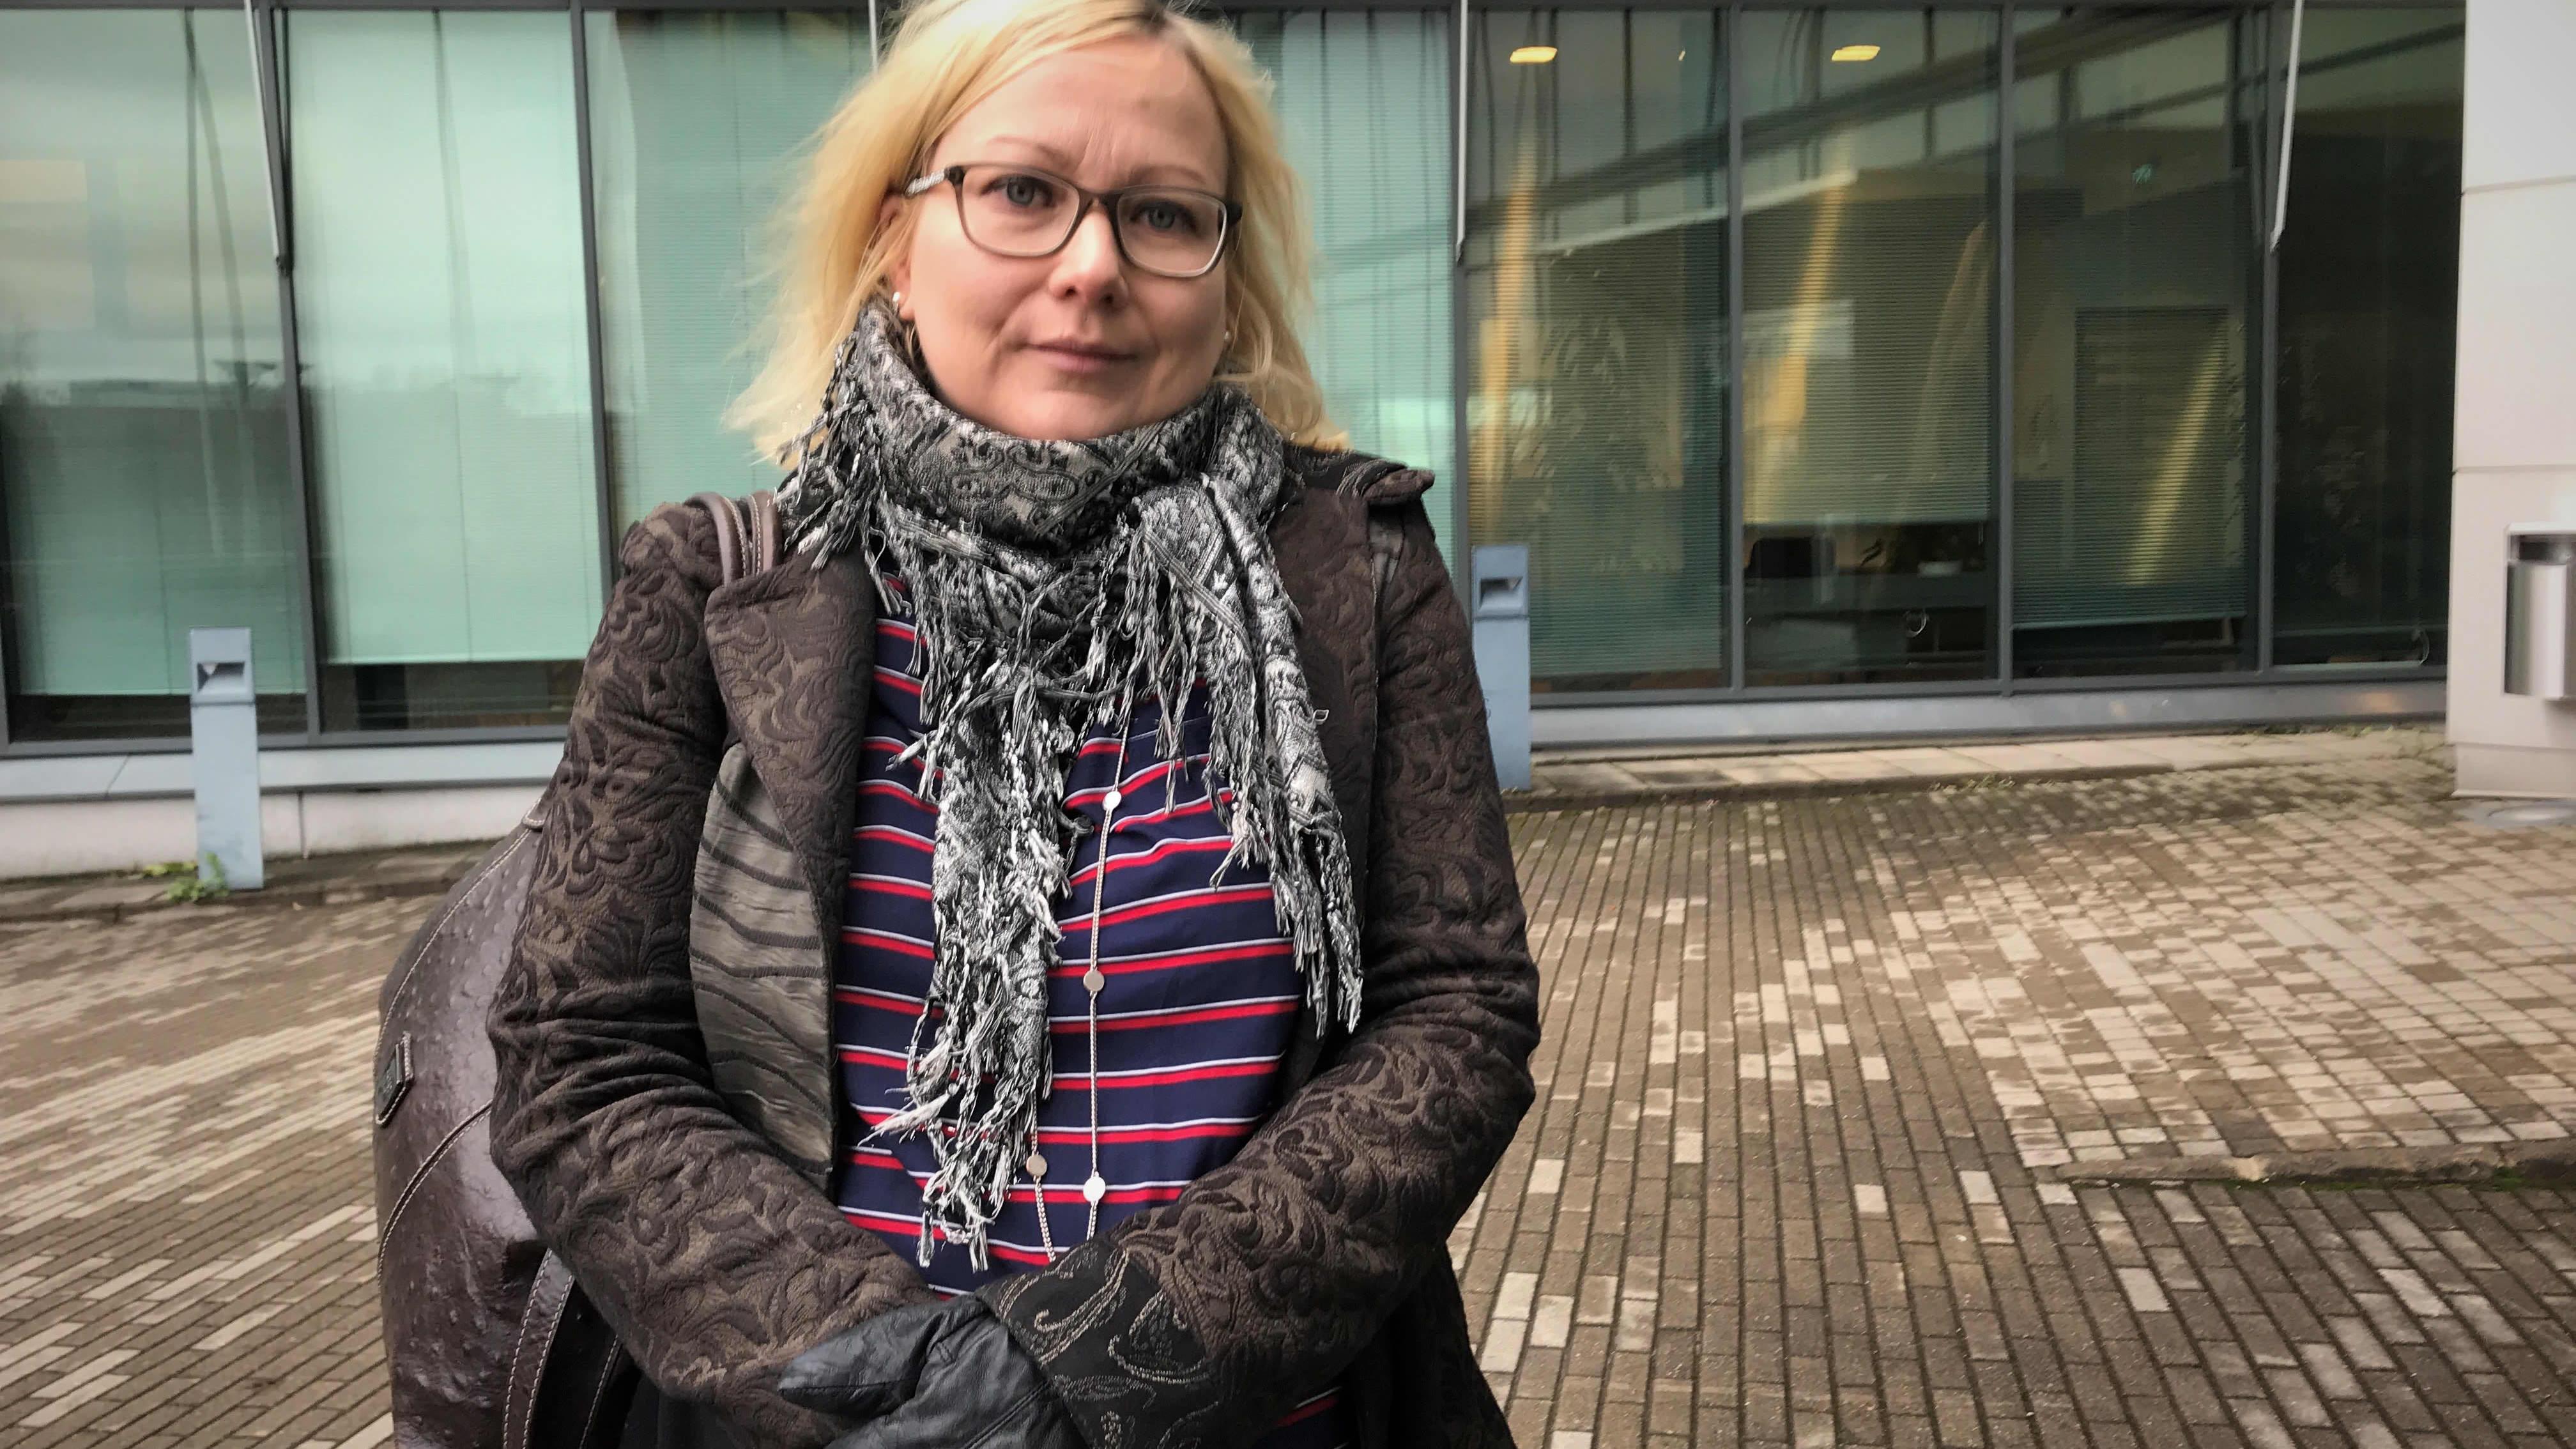 Ruskeatakkinen, vaaleahiuksinen nainen rakennuksen edessä.